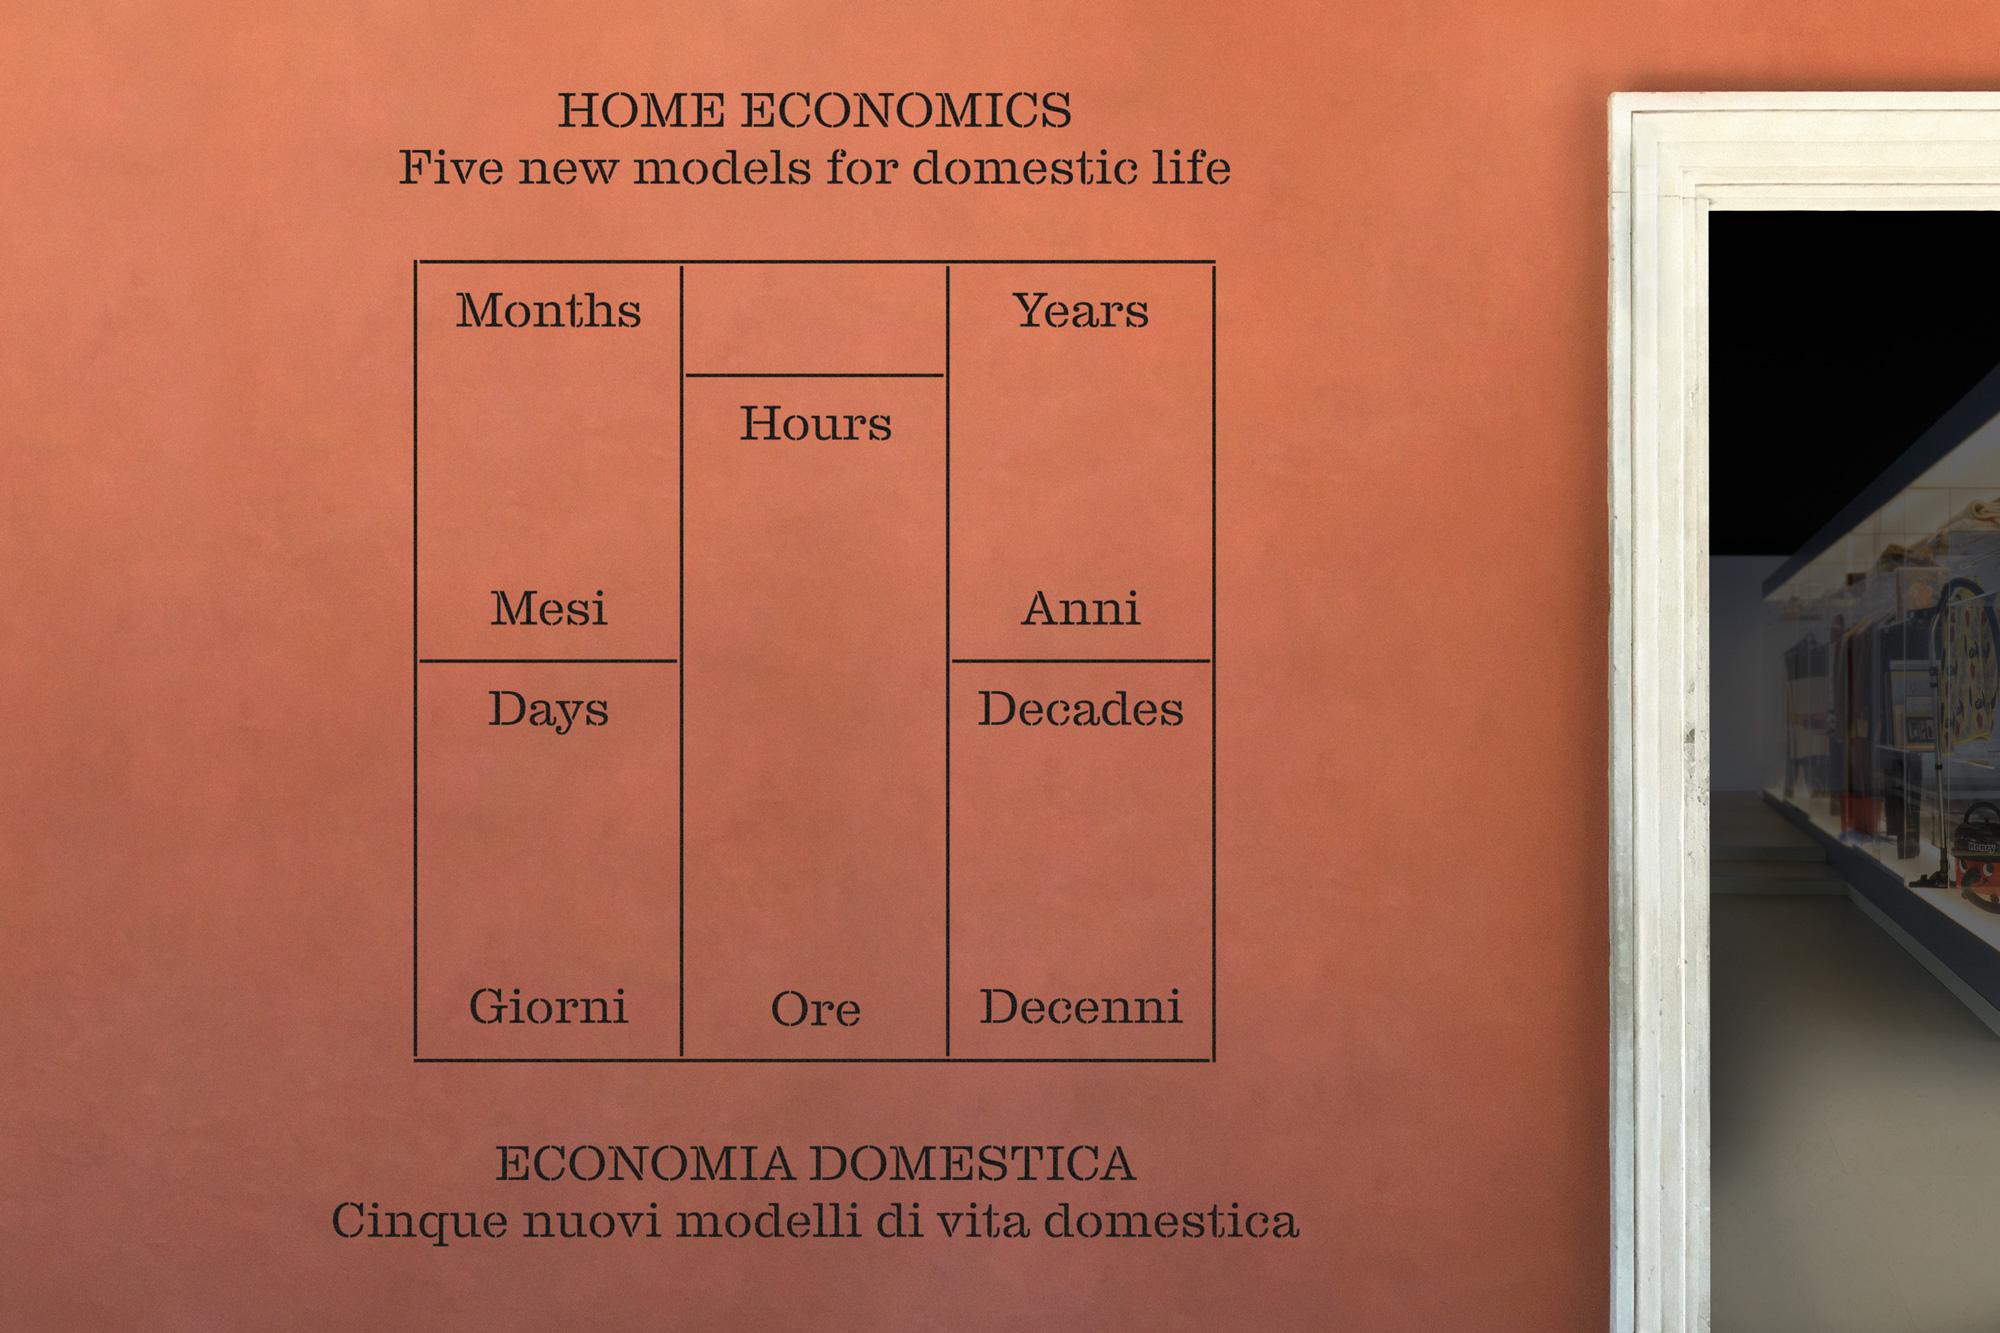 Home Economics, Venice Biennale